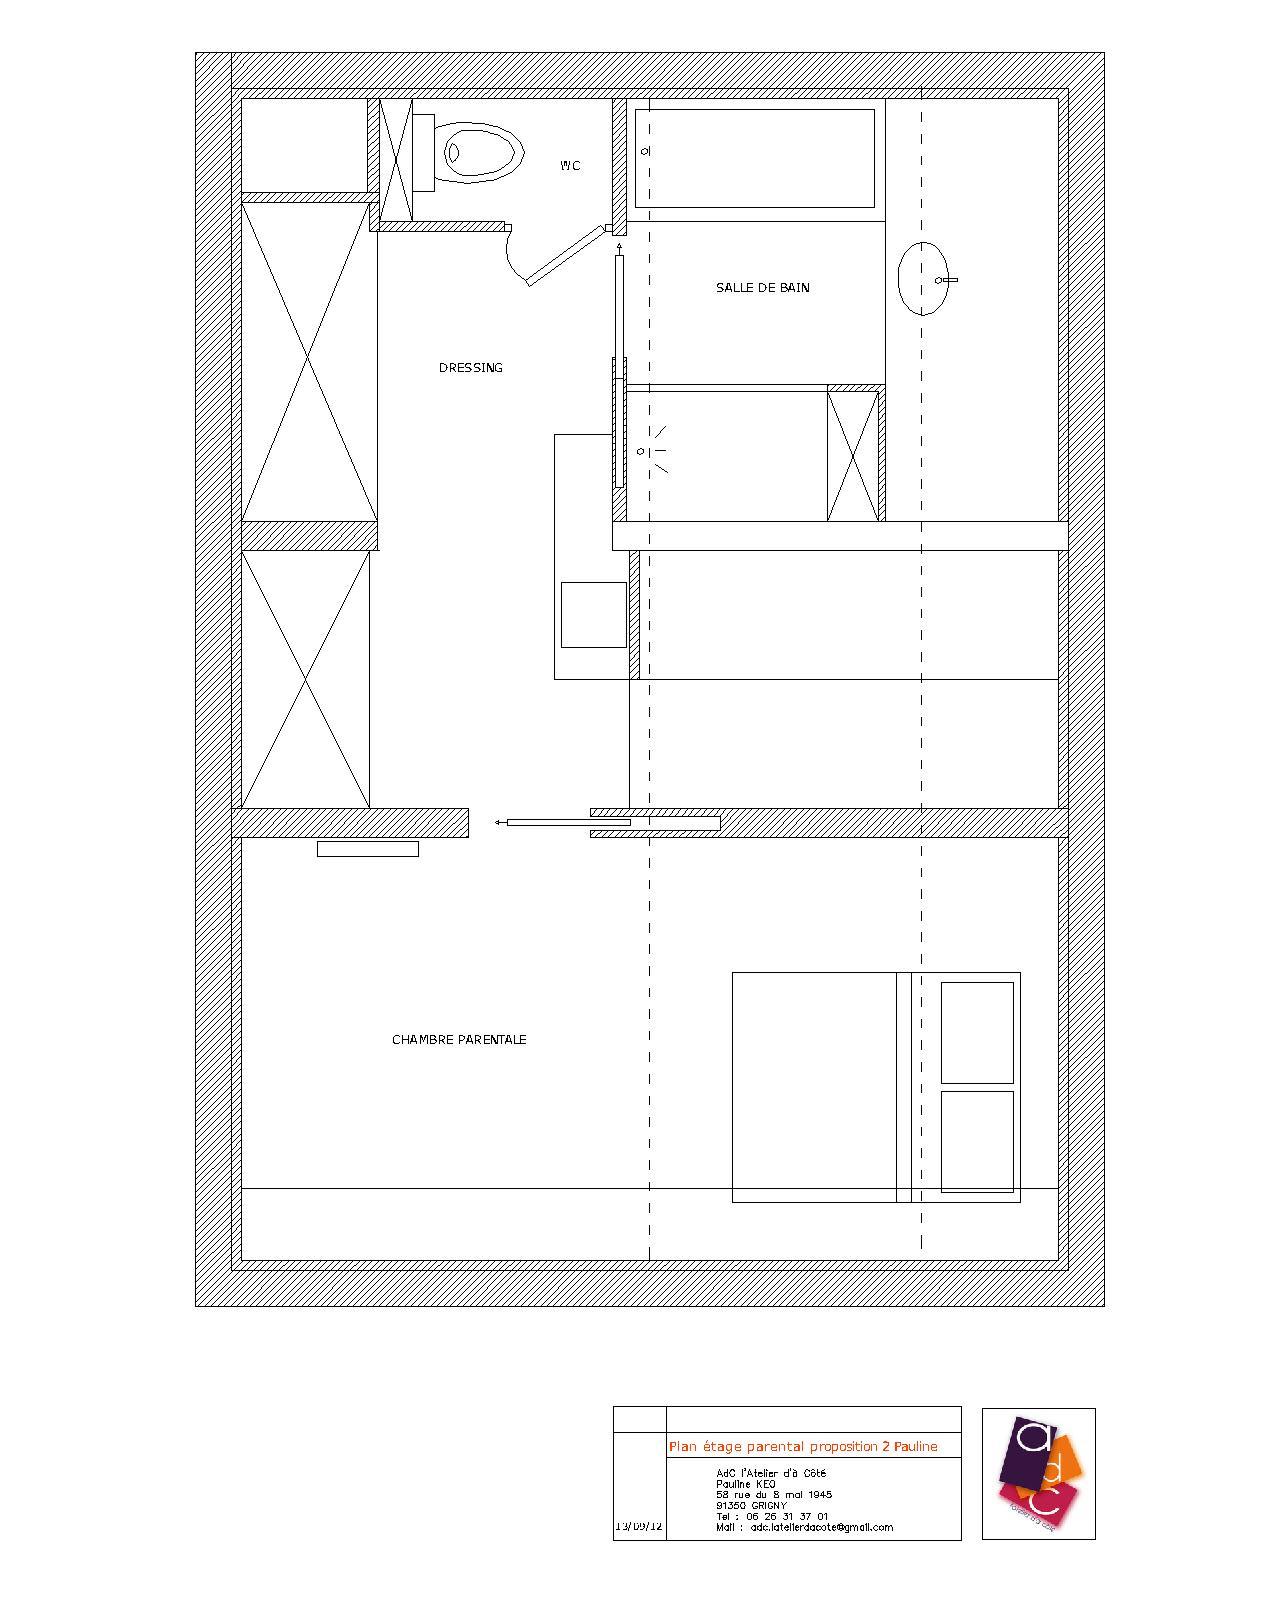 Adc L Atelier D A Cote Amenagement Interieur Design D Espace Et Decoration Renovation Et Agencement D Une Suite Parentale Avec Chambre Et Salle De Bain